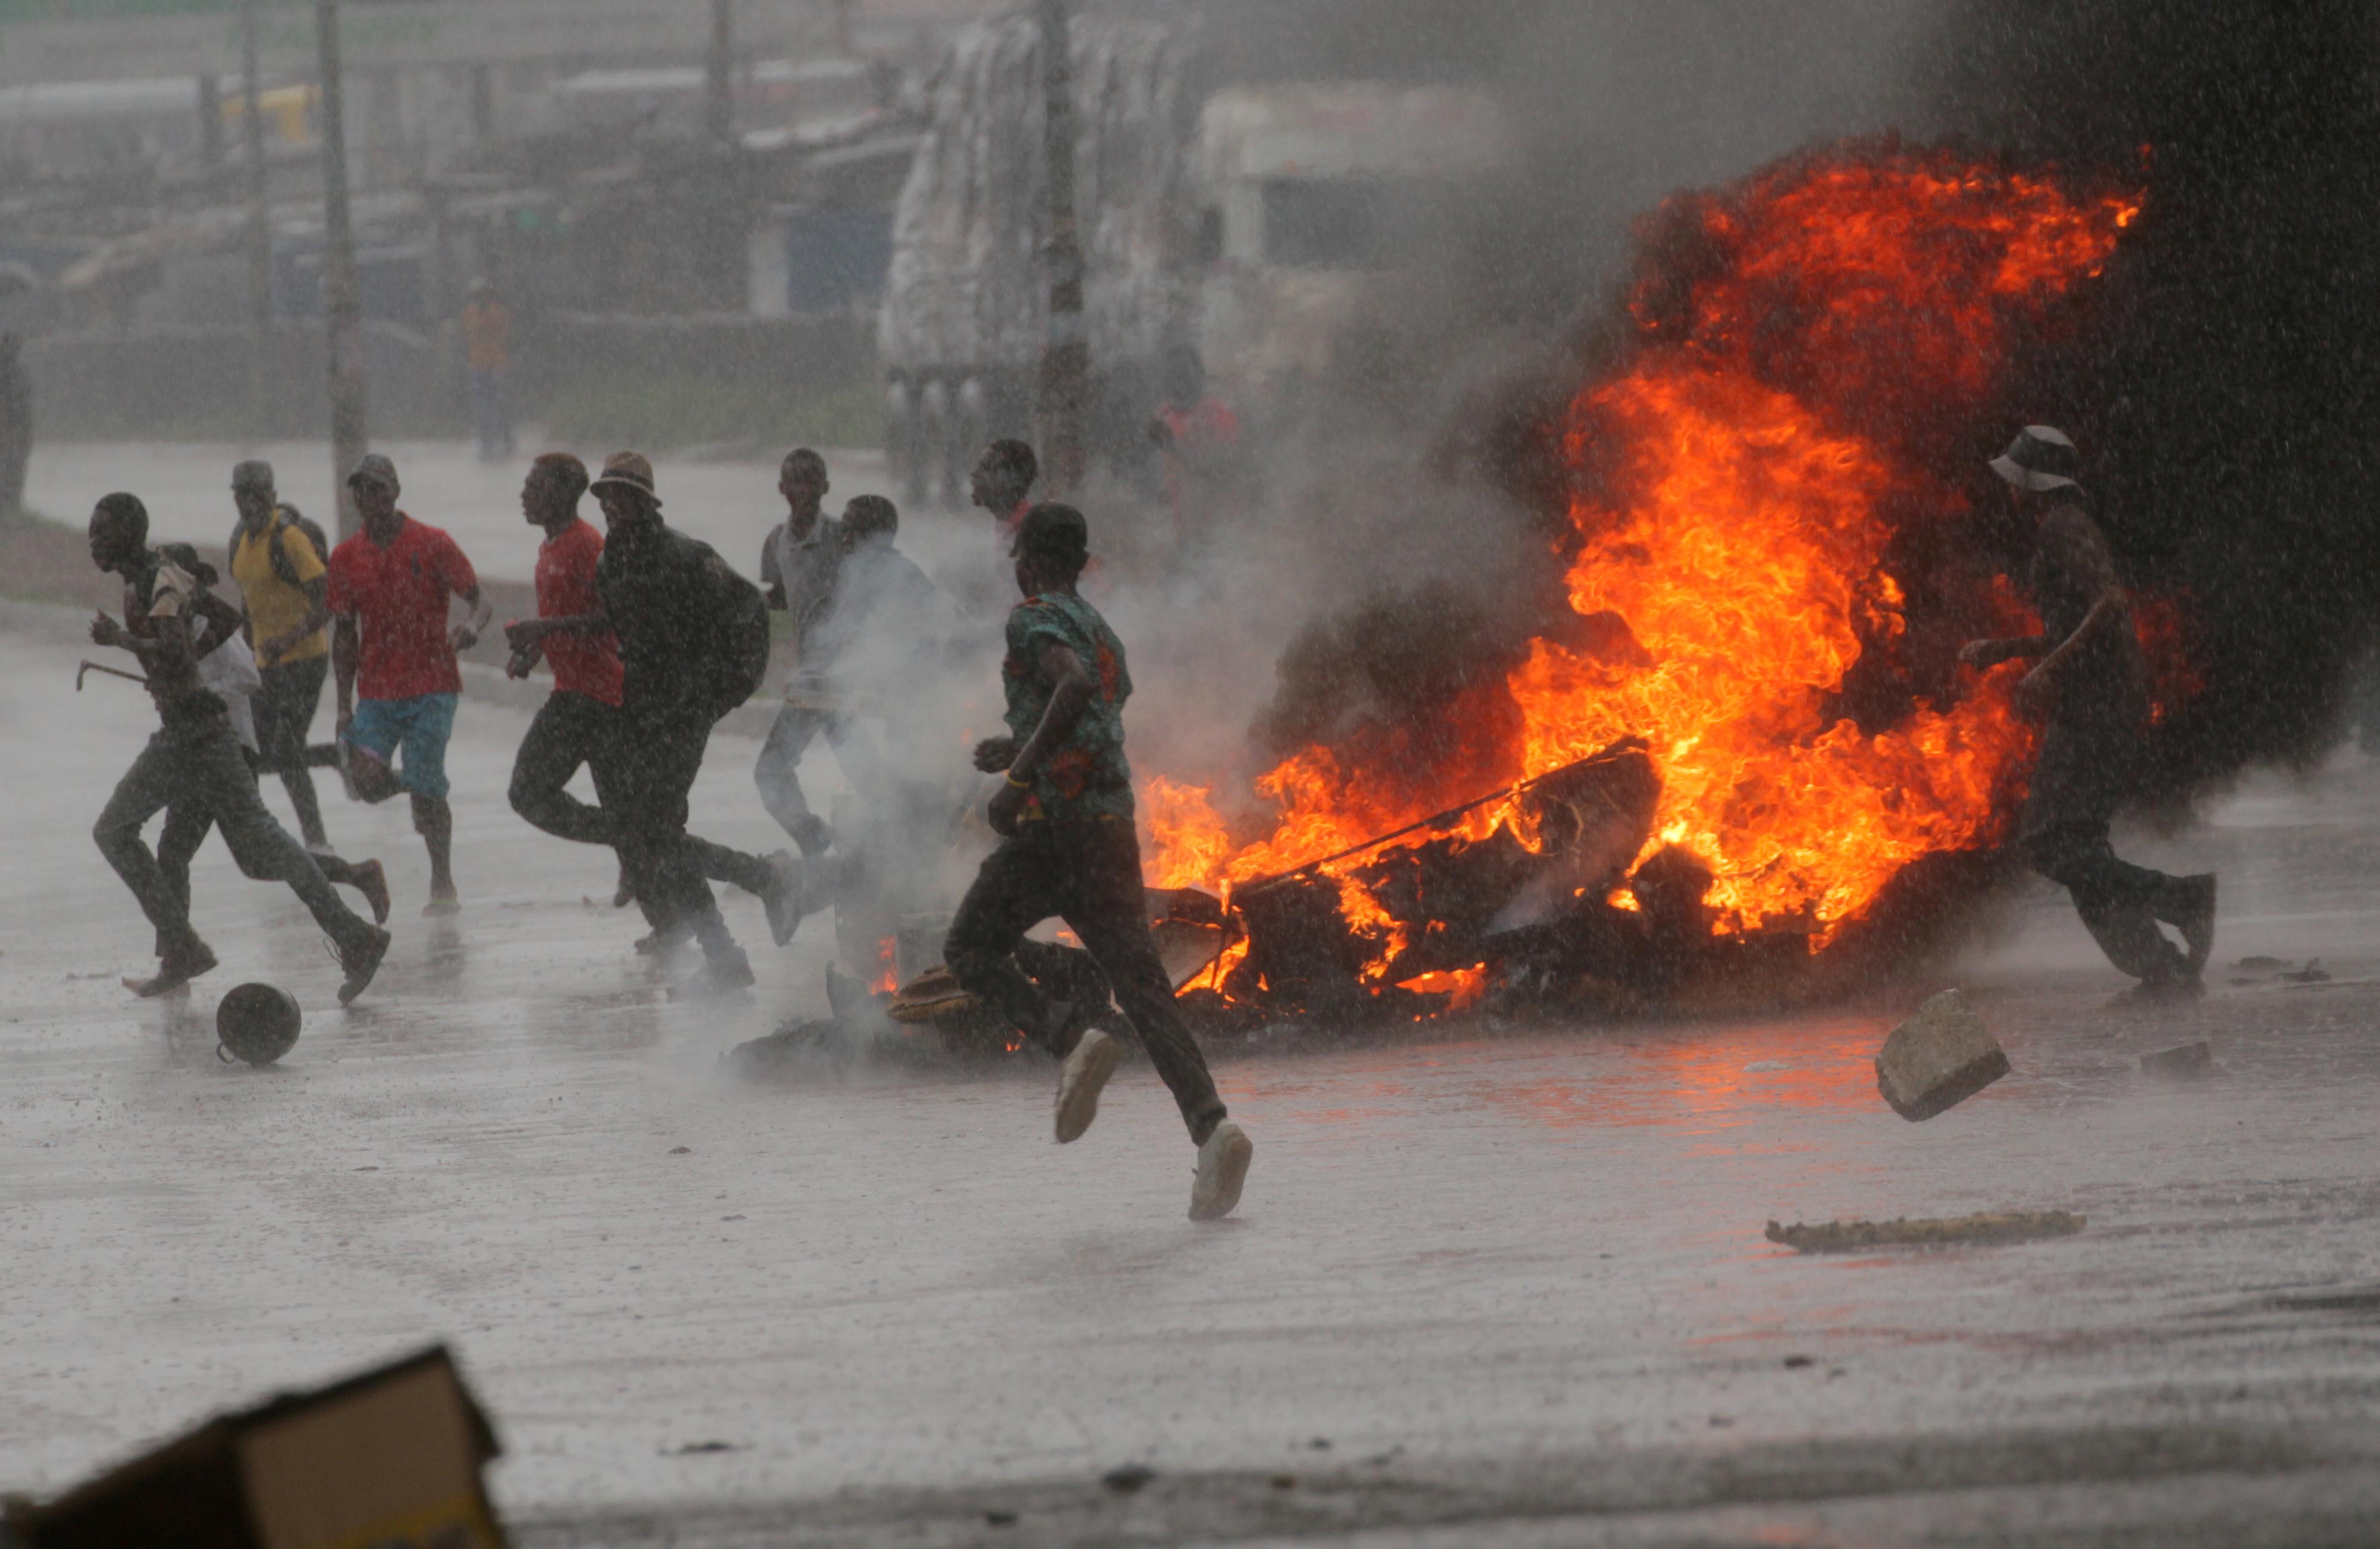 Pessoas correm em um protesto enquanto as barricadas queimam durante a chuva em Harare, Zimbábue. Metodistas Unidos estão pedindo por orações pela paz em meio a confrontos entre manifestantes e forças de segurança após um aumento nos preços dos combustíveis. Foto de Philimon Bulawayo, Reuters. Não reutilizar. Utilização única.